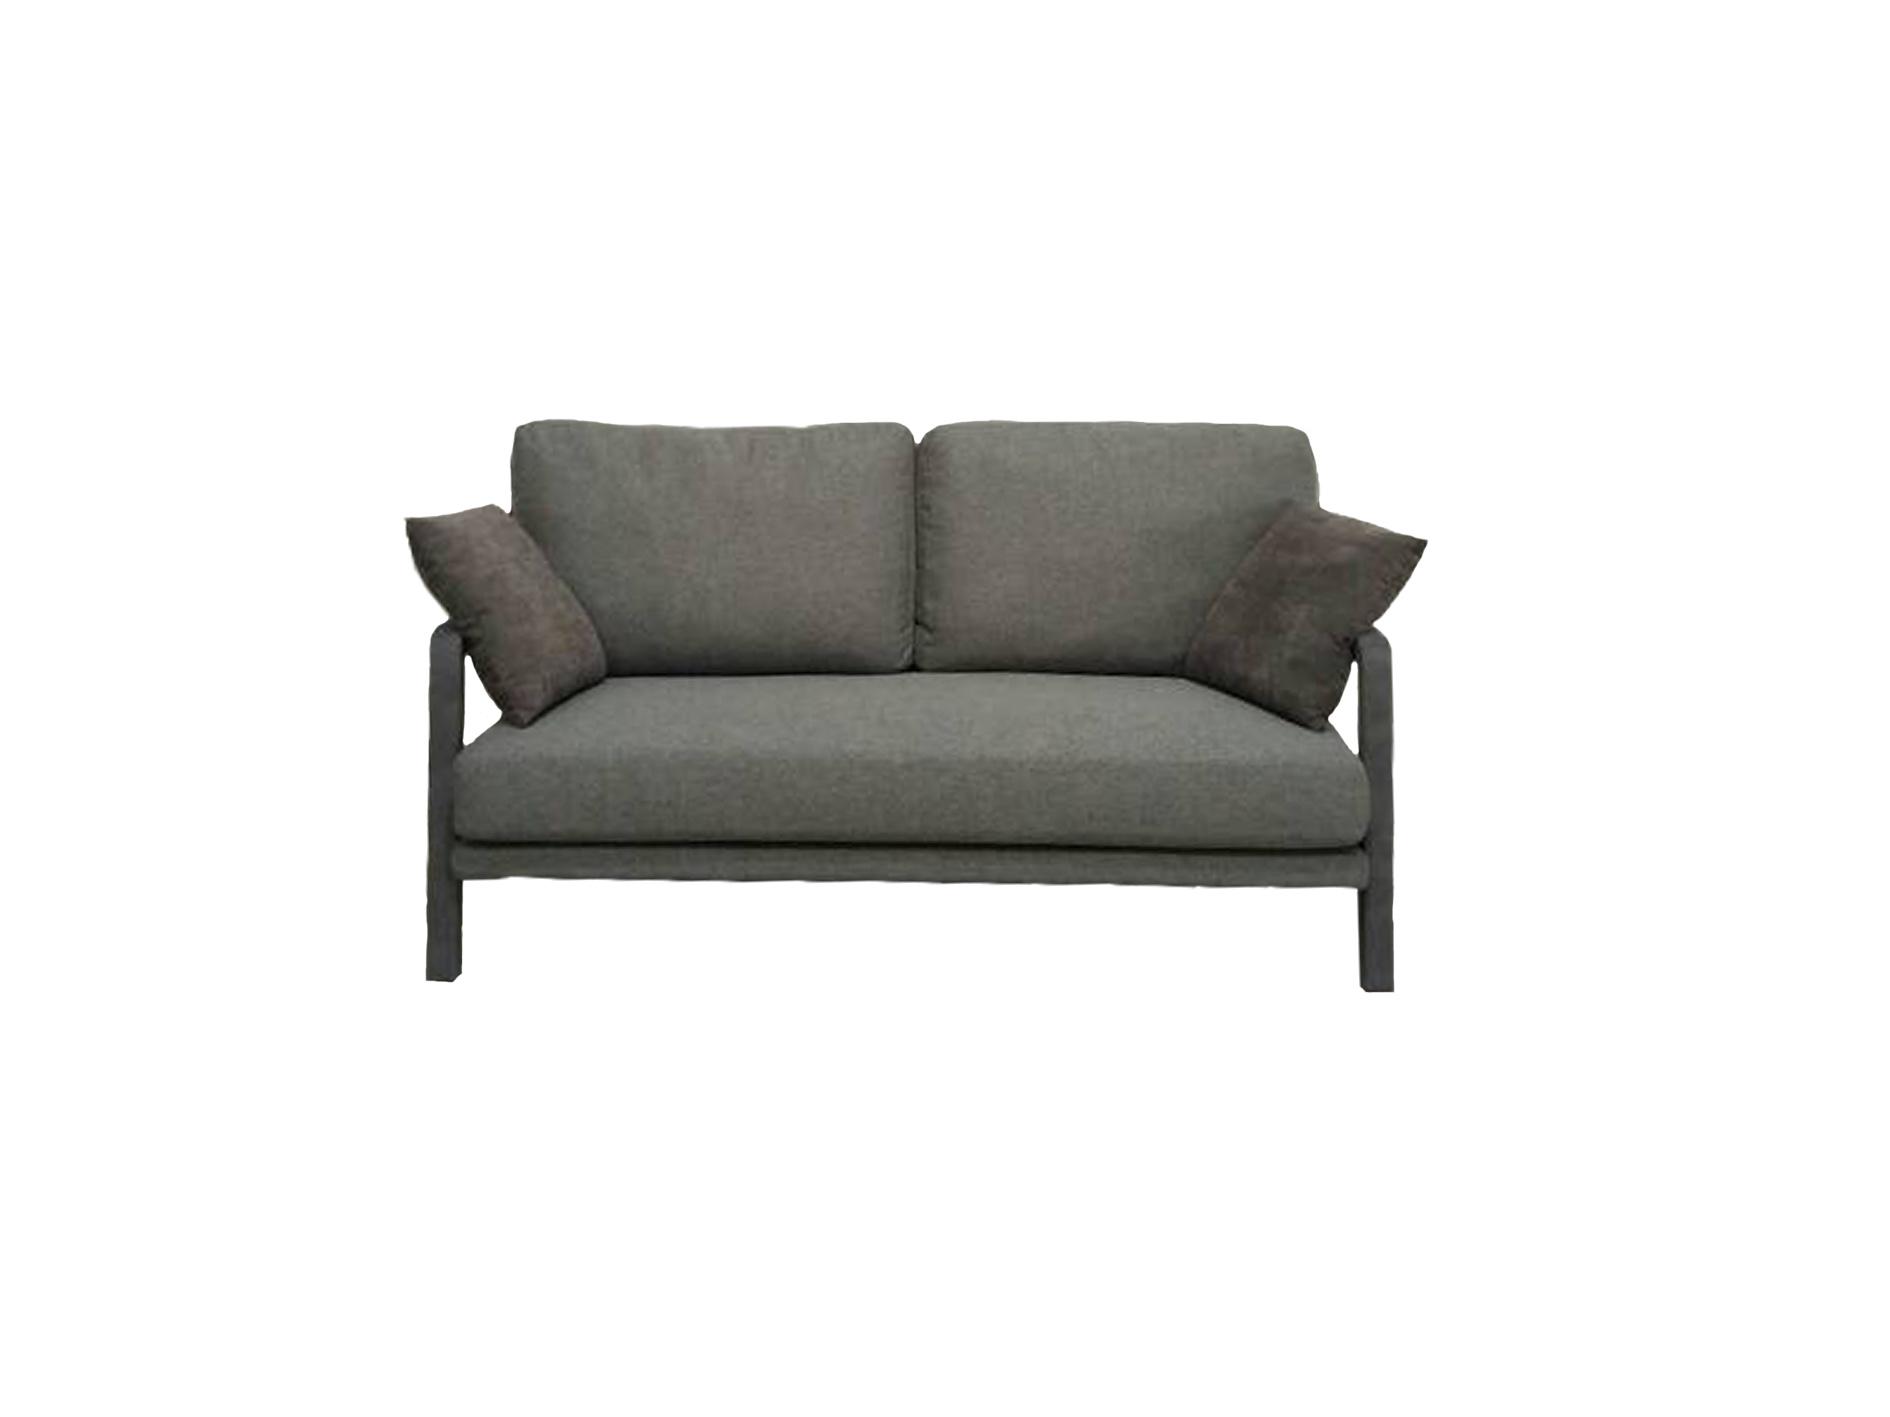 Valerio Designer Italian Fabric Sofa – Riposo -2 Seater fabric sofa (1.79M)